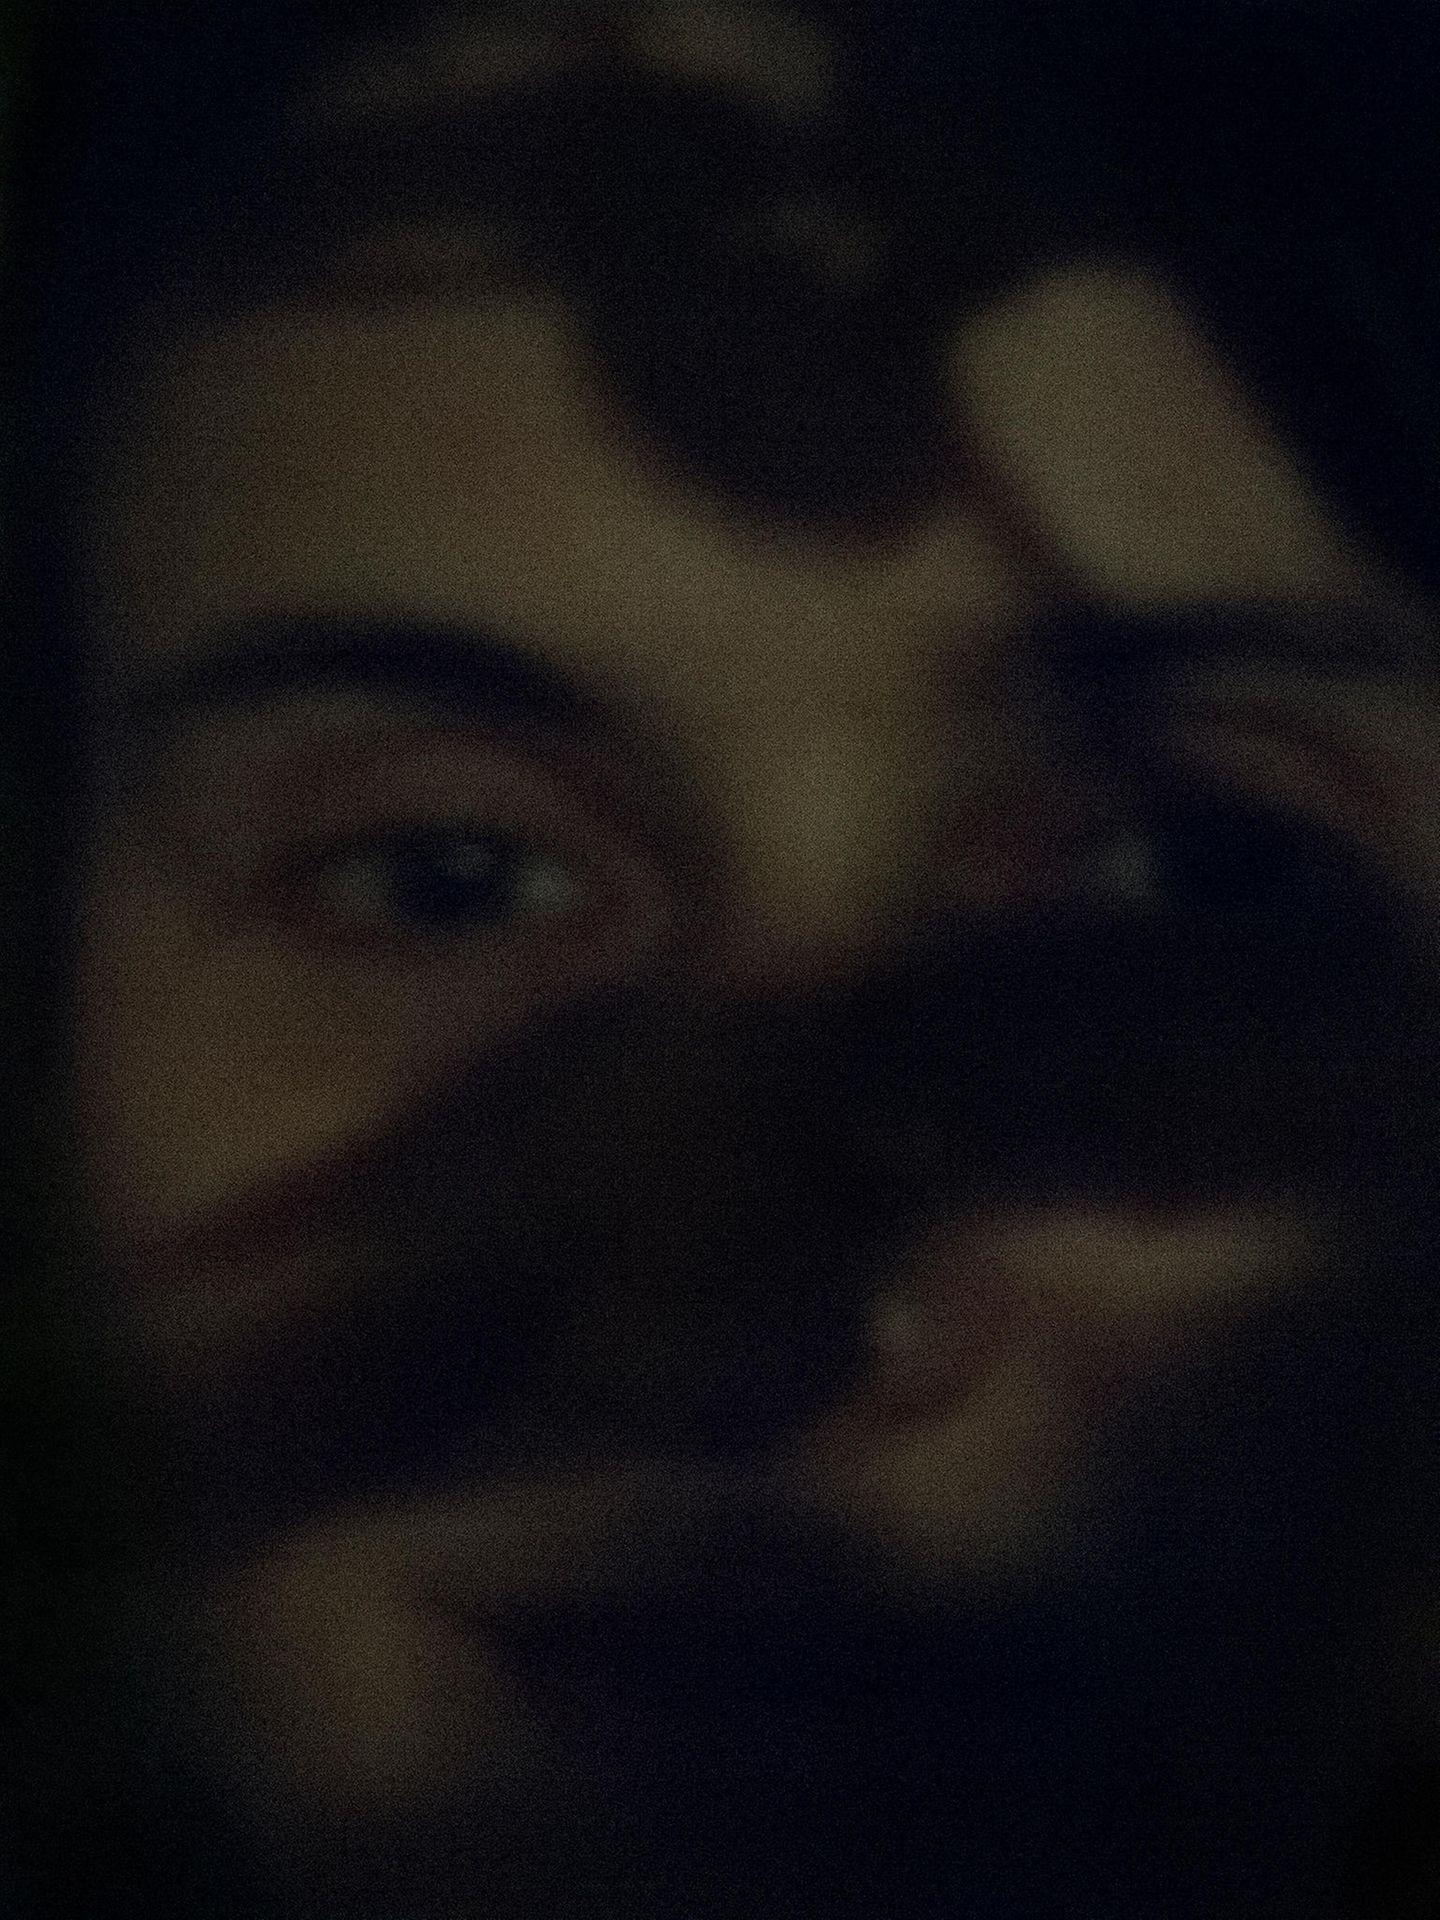 Das Gesicht einer Frau hinter einem schwarzen Schatten